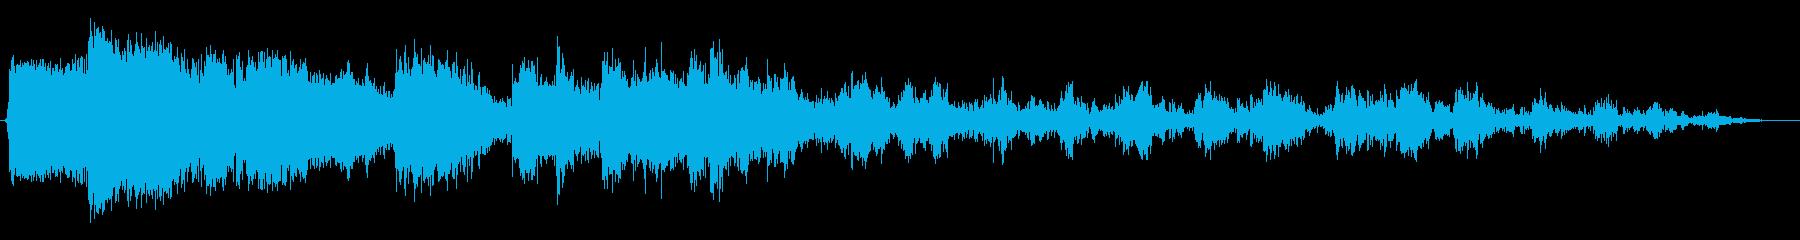 金物落下(コント風)の再生済みの波形